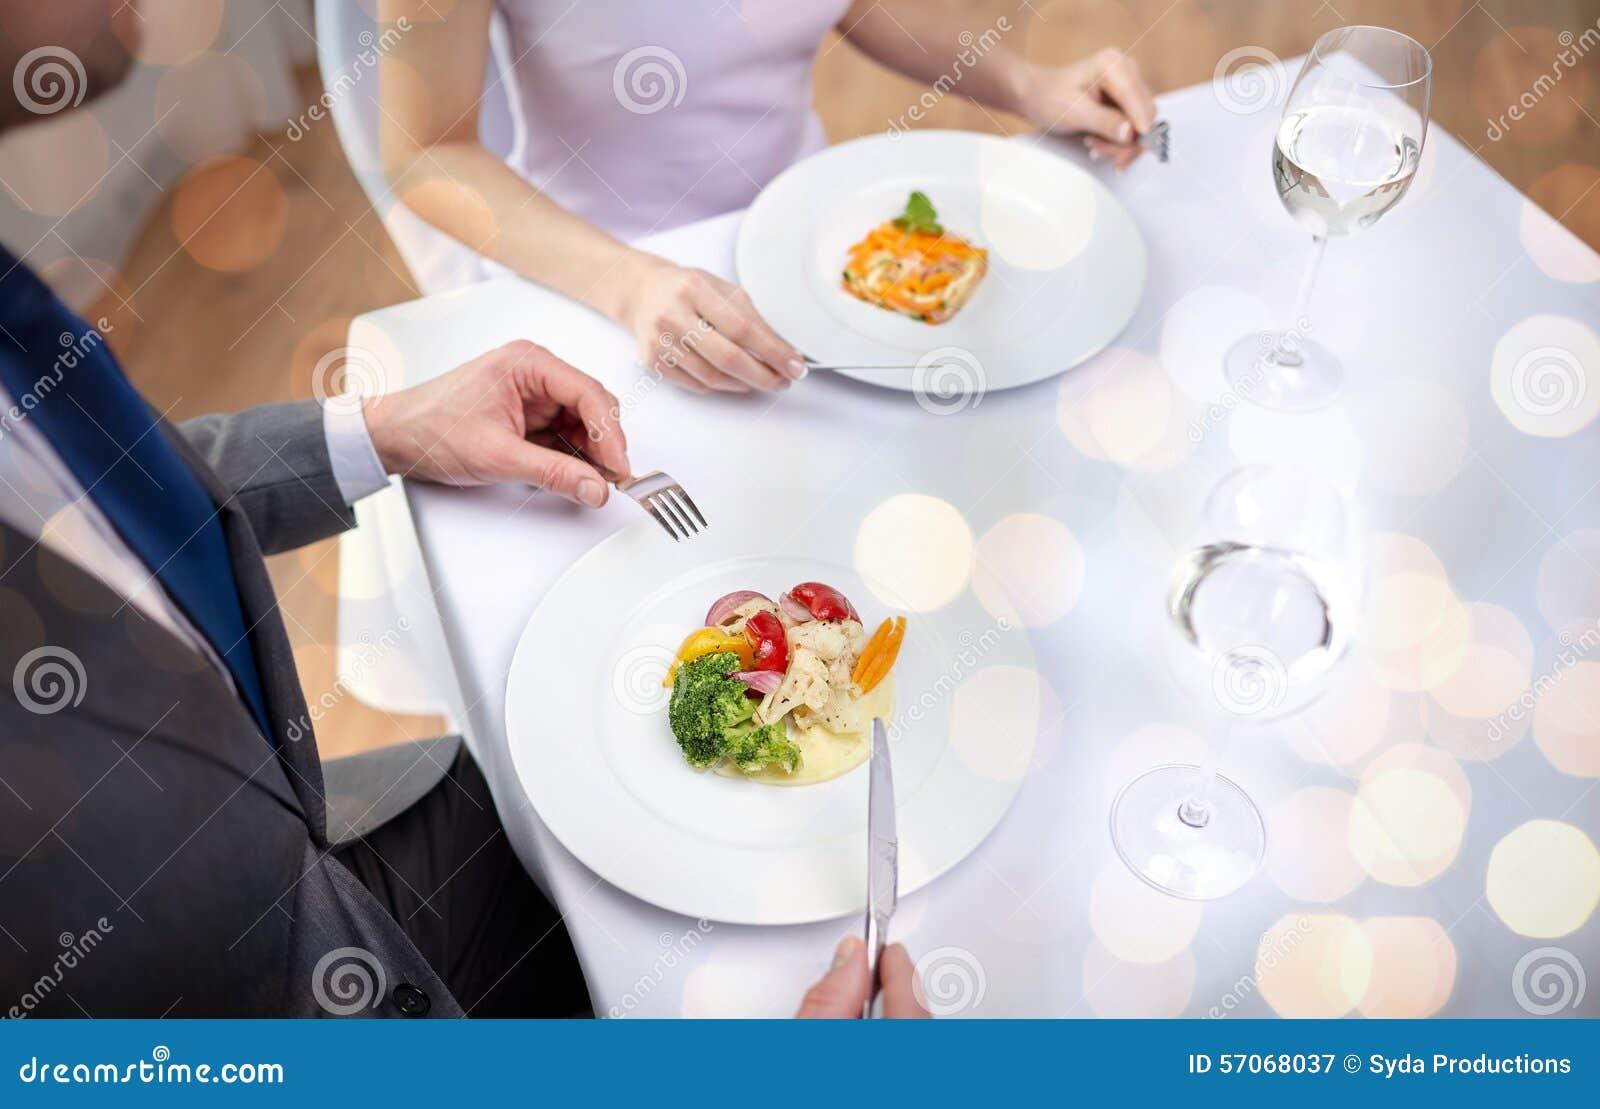 Sluit omhoog van paar die voorgerechten eten bij restaurant